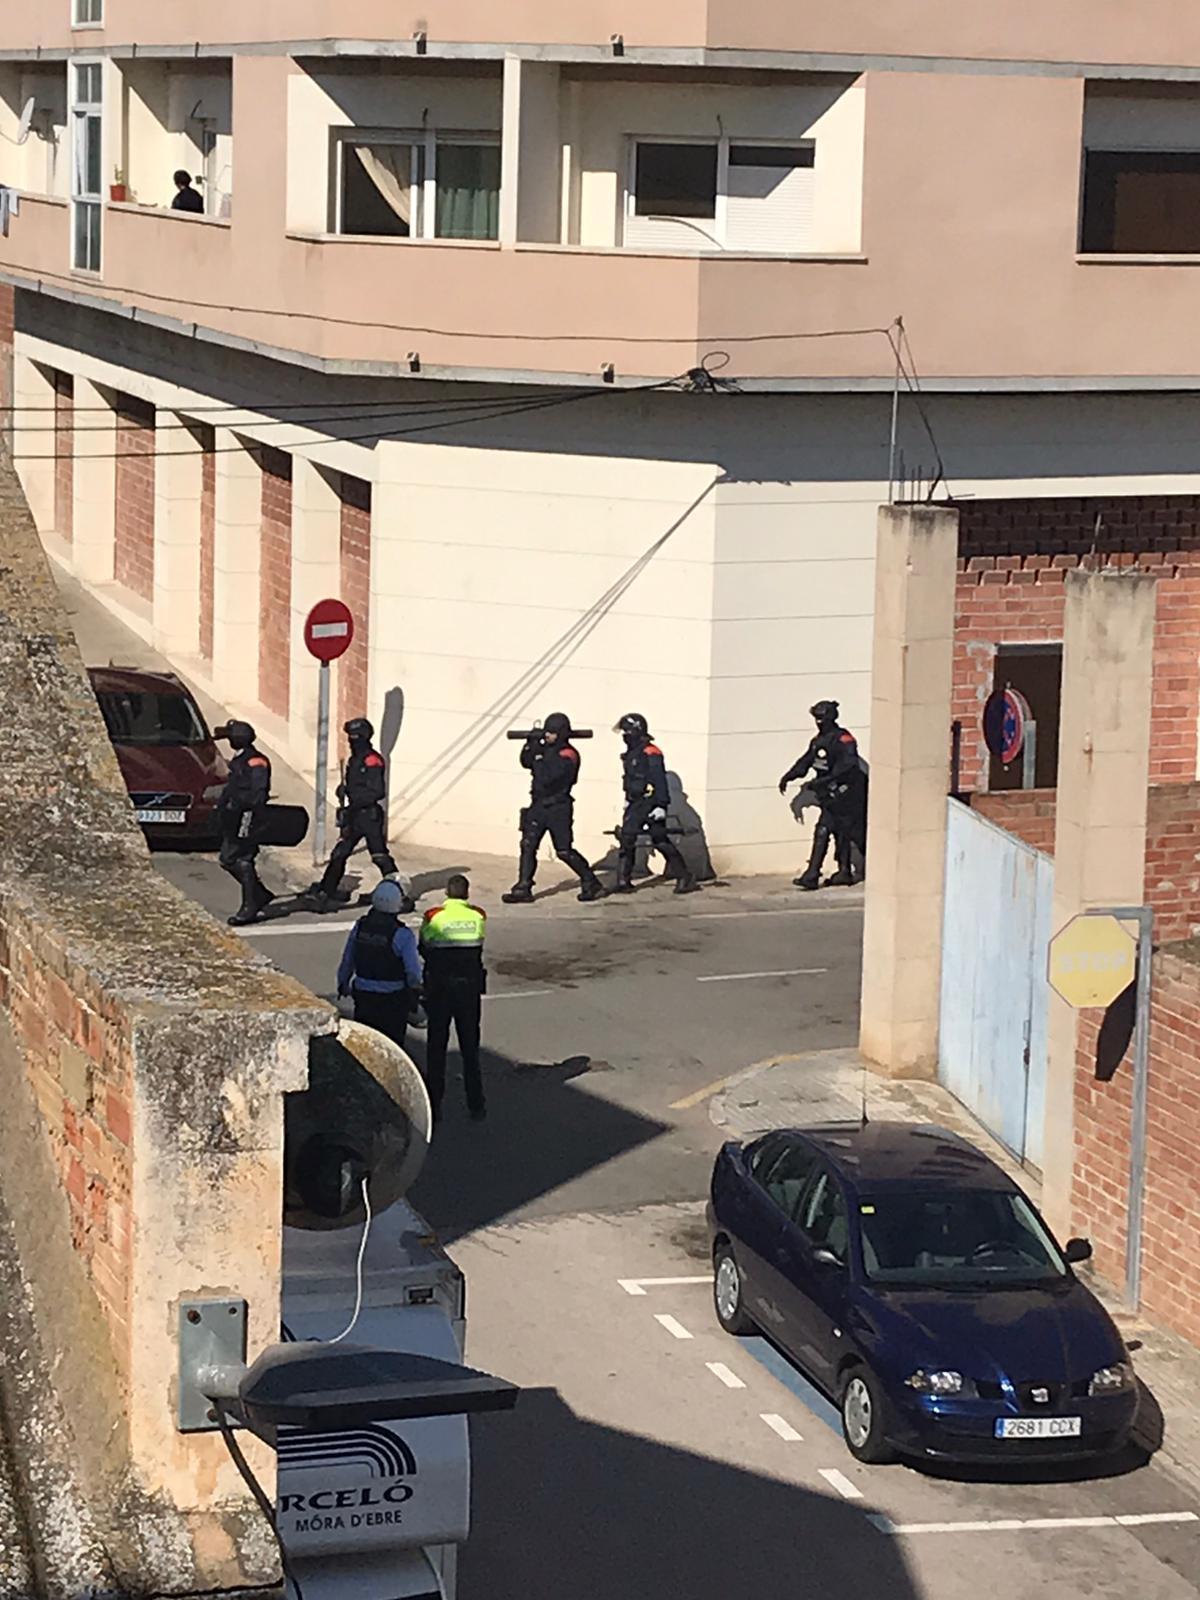 Los Mossos sufren una tormenta de objetos procedente de la terraza de unos integrados y amables ciudadanos